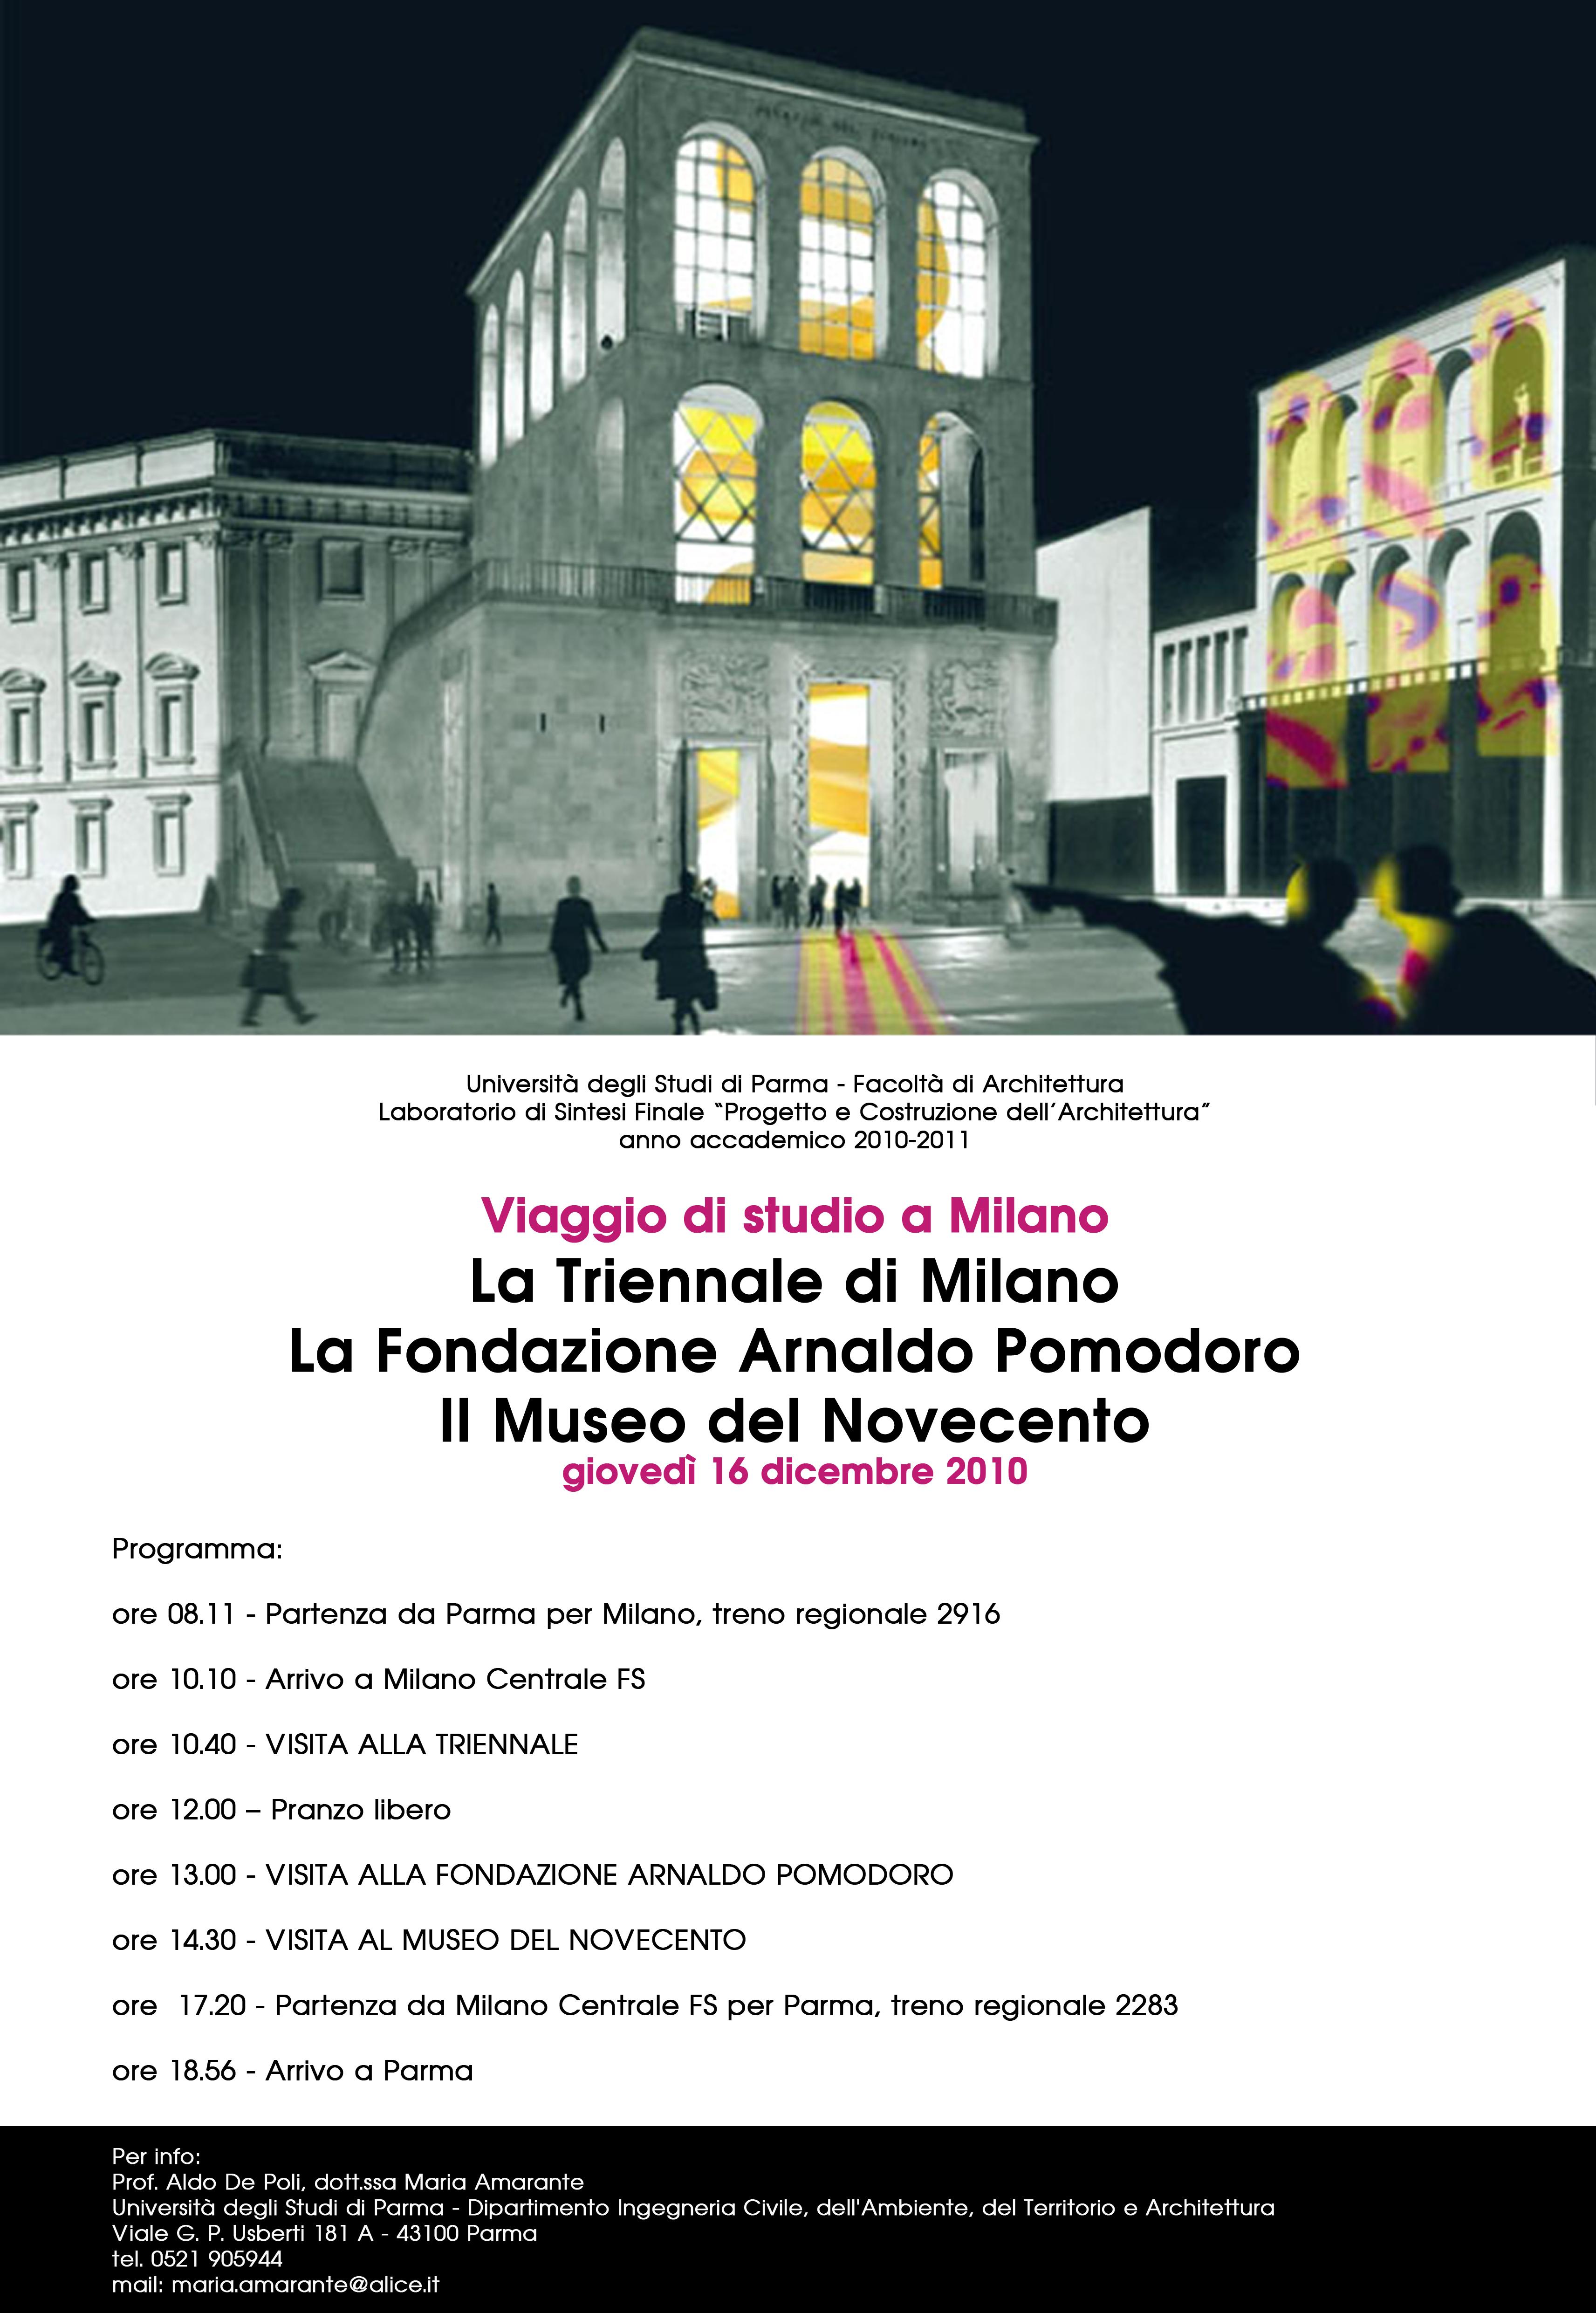 Viaggio di studio a Milano. La Triennale di Milano. La Fondazione Arnaldo Pomodoro. Il Museo del Novecento